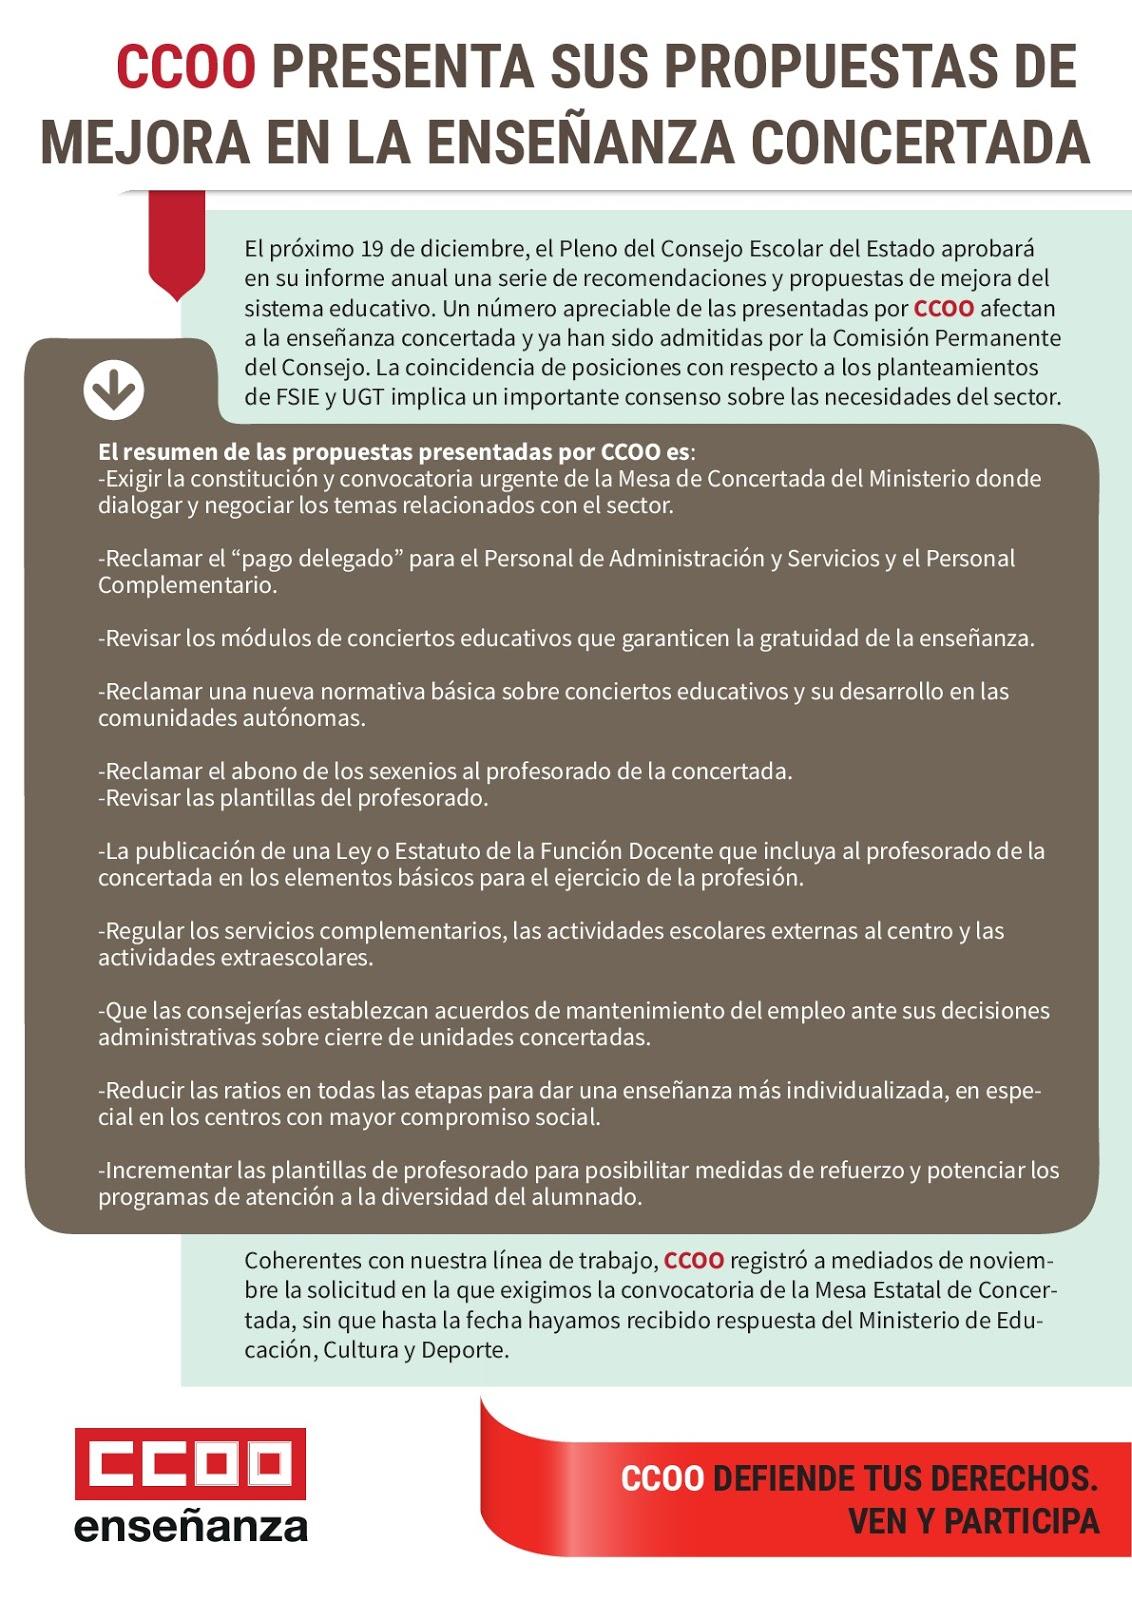 CCOO Enseñanza privada de la FE de Canarias: Propuestas en la ...